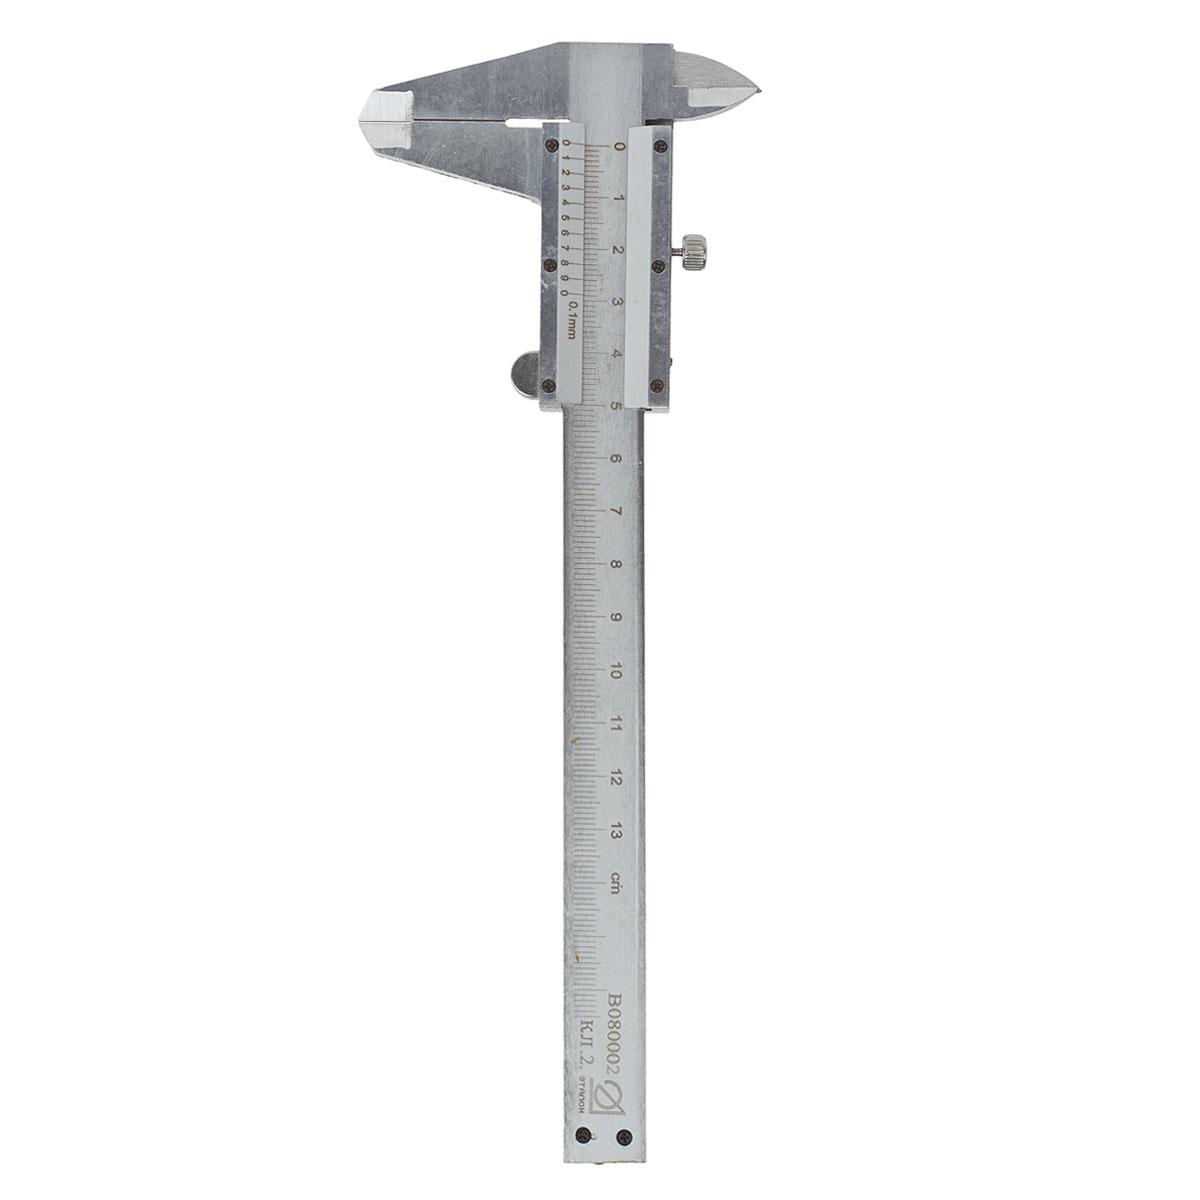 Штангенциркуль Эталон, 12,5 см19825Штангенциркуль предназначен для измерений наружных и внутренних линейных размеров, а так же для измерения глубин. Применяется в машиностроении, приборостроении и других отраслях промышленности. Характеристики: Материал: металл. Длина штангенциркуля: 21 см. Цена деления: 0,1 мм. Класс точности: 2. Размер упаковки: 23 см х 9 см х 0,5 см.